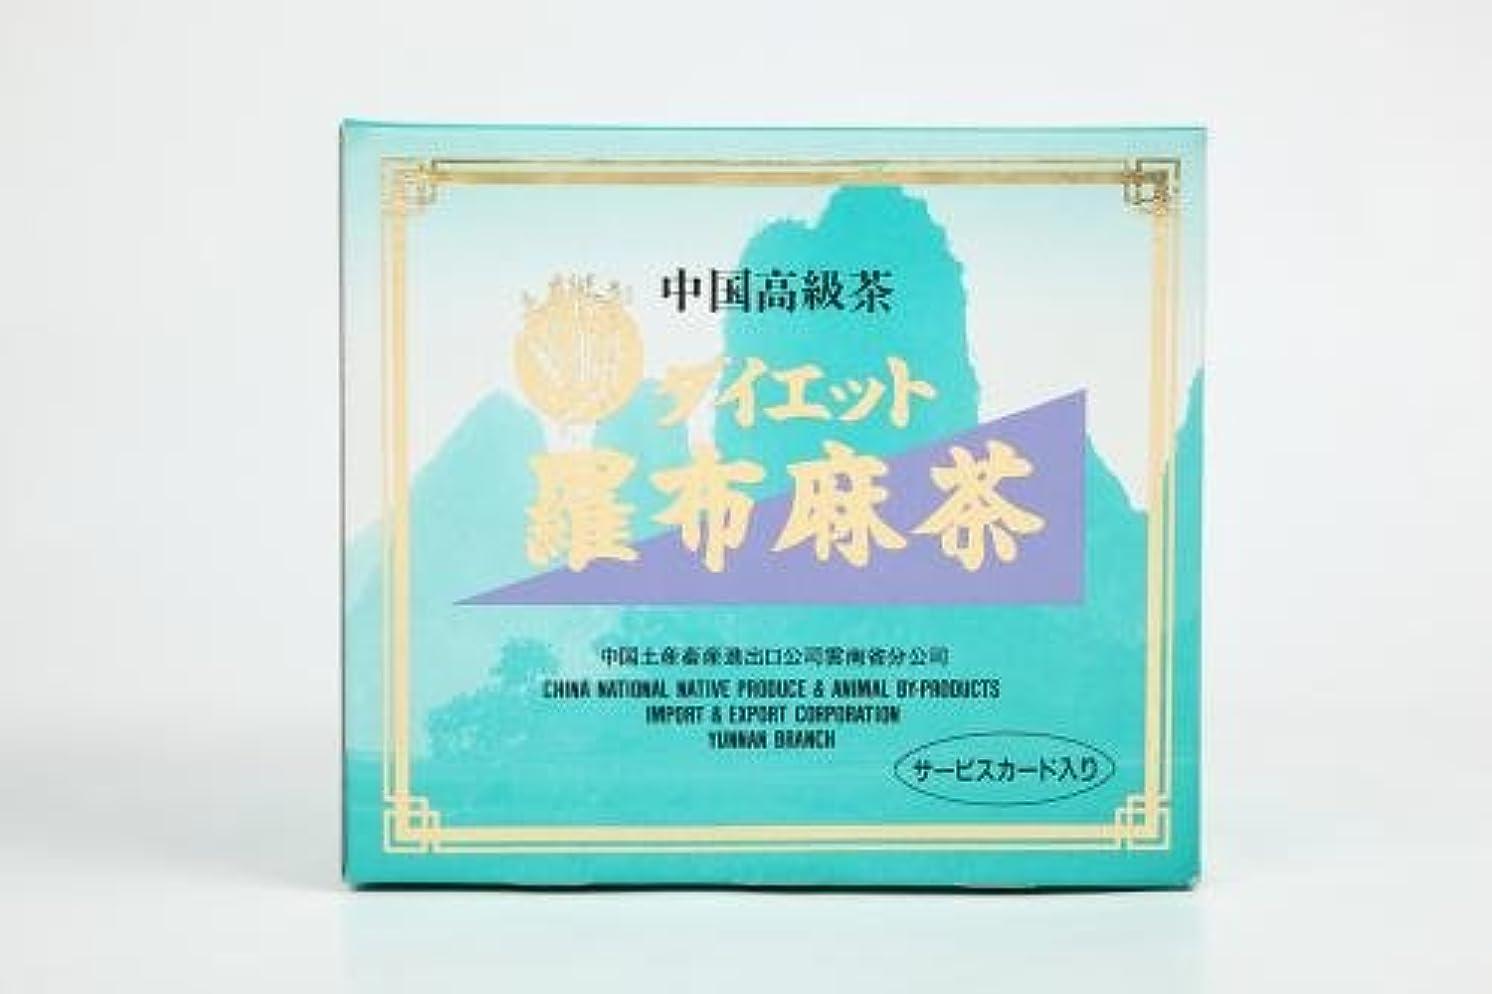 概要デコレーション組立共栄ダイエット羅布麻茶 48包